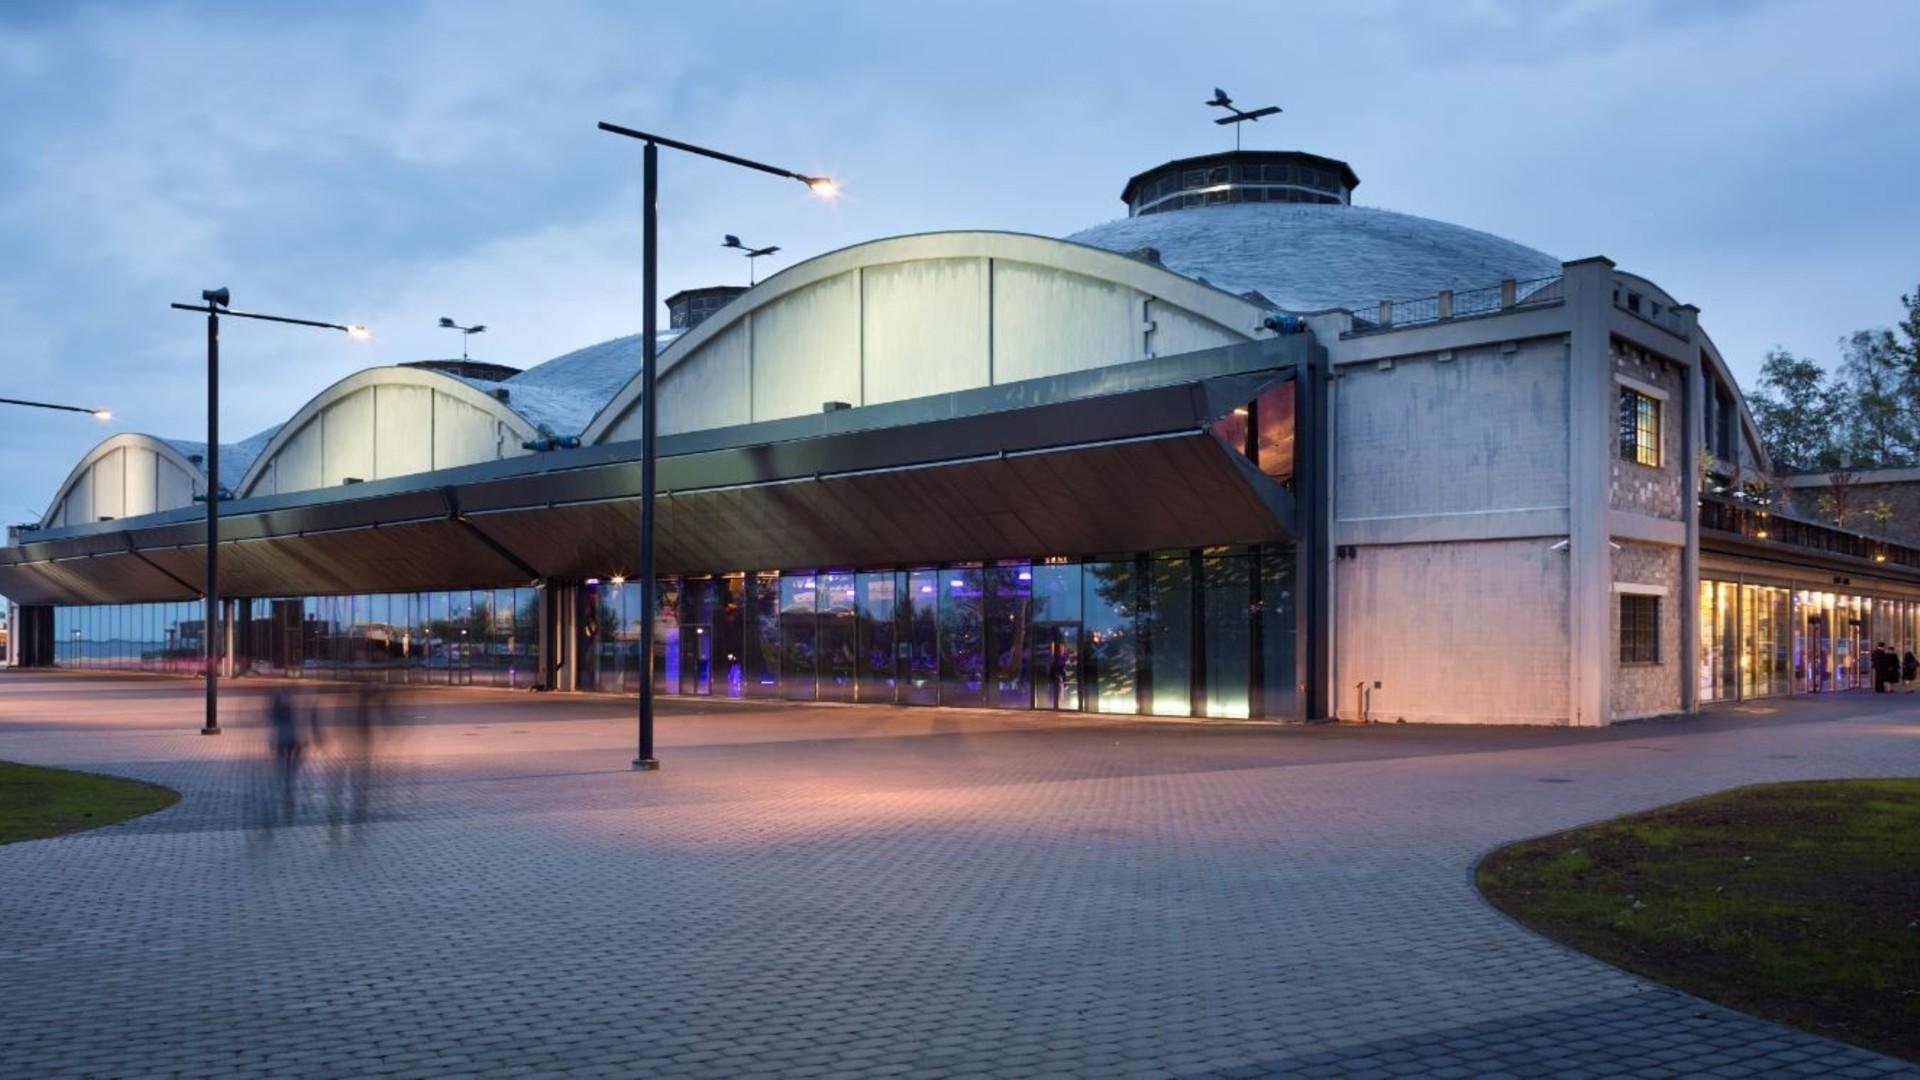 Järgmise Veneetsia arhitektuuribiennaali eelnäitus avaneb korraga kaheksas Eesti linnas